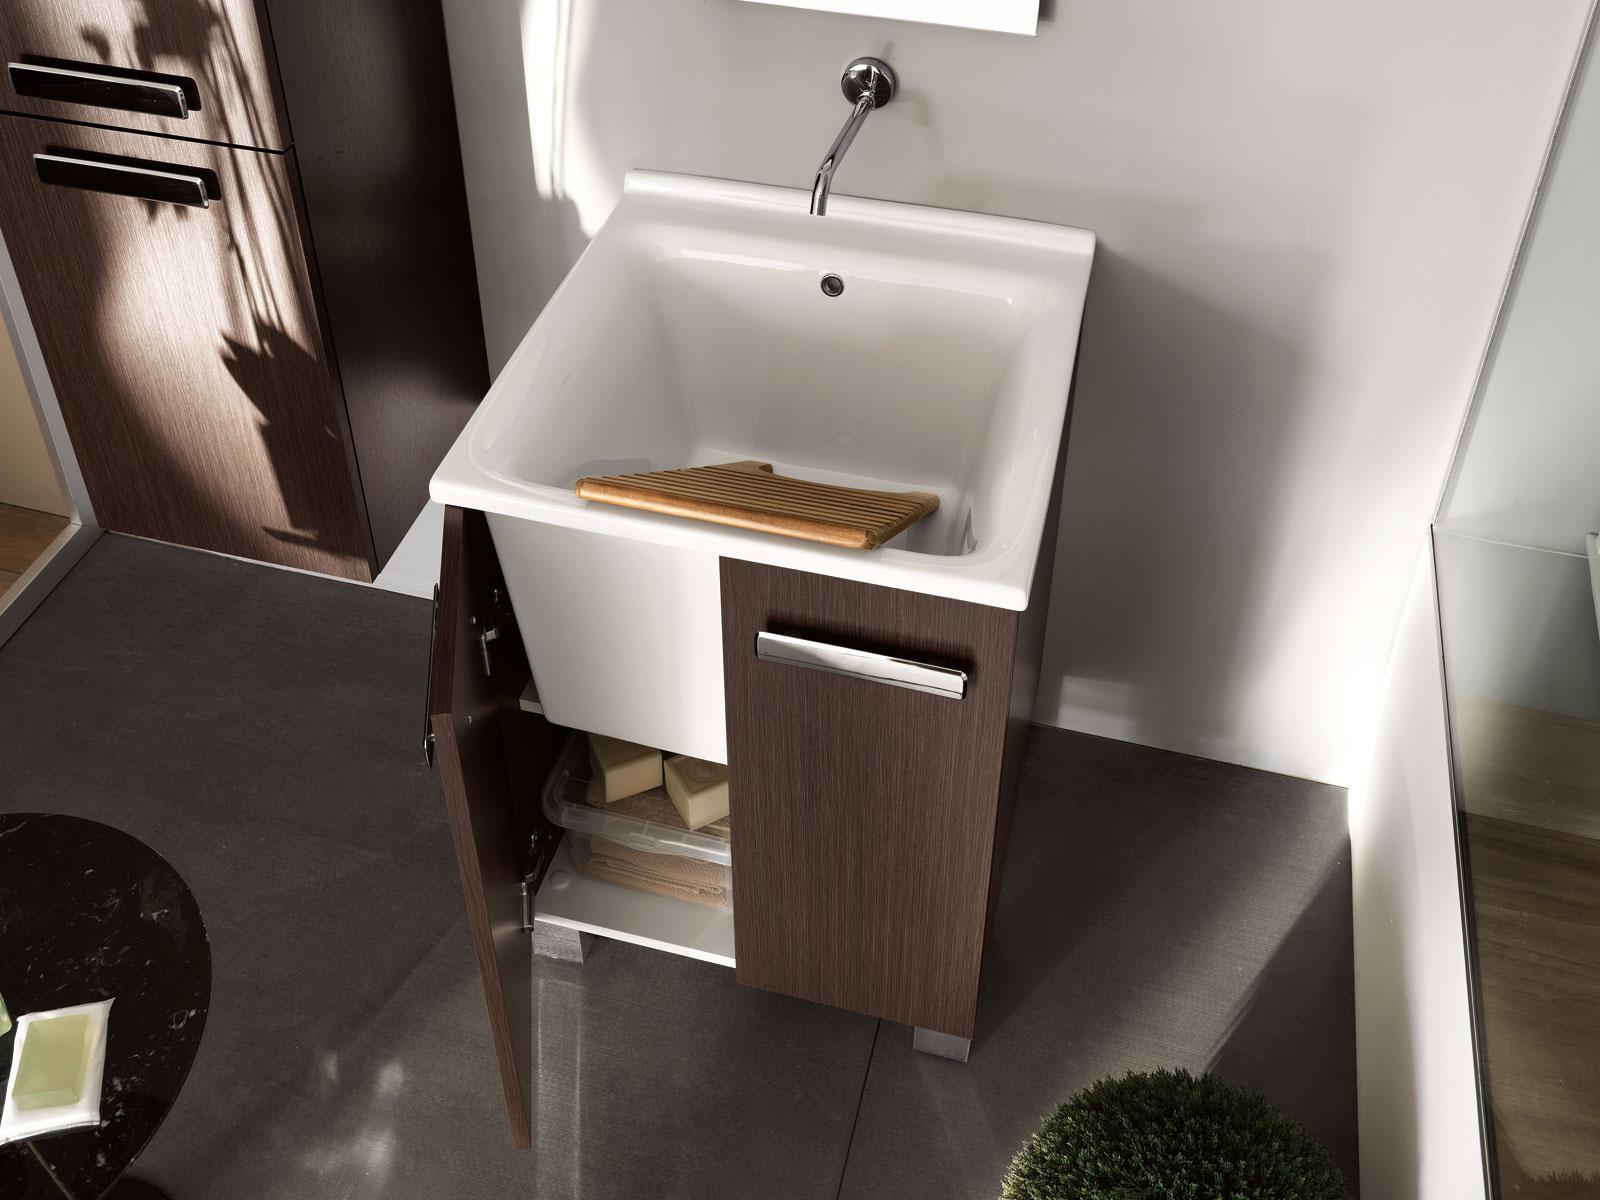 Pannelli di rivestimento pareti cucina effetto legno for Lavatoio bagno moderno